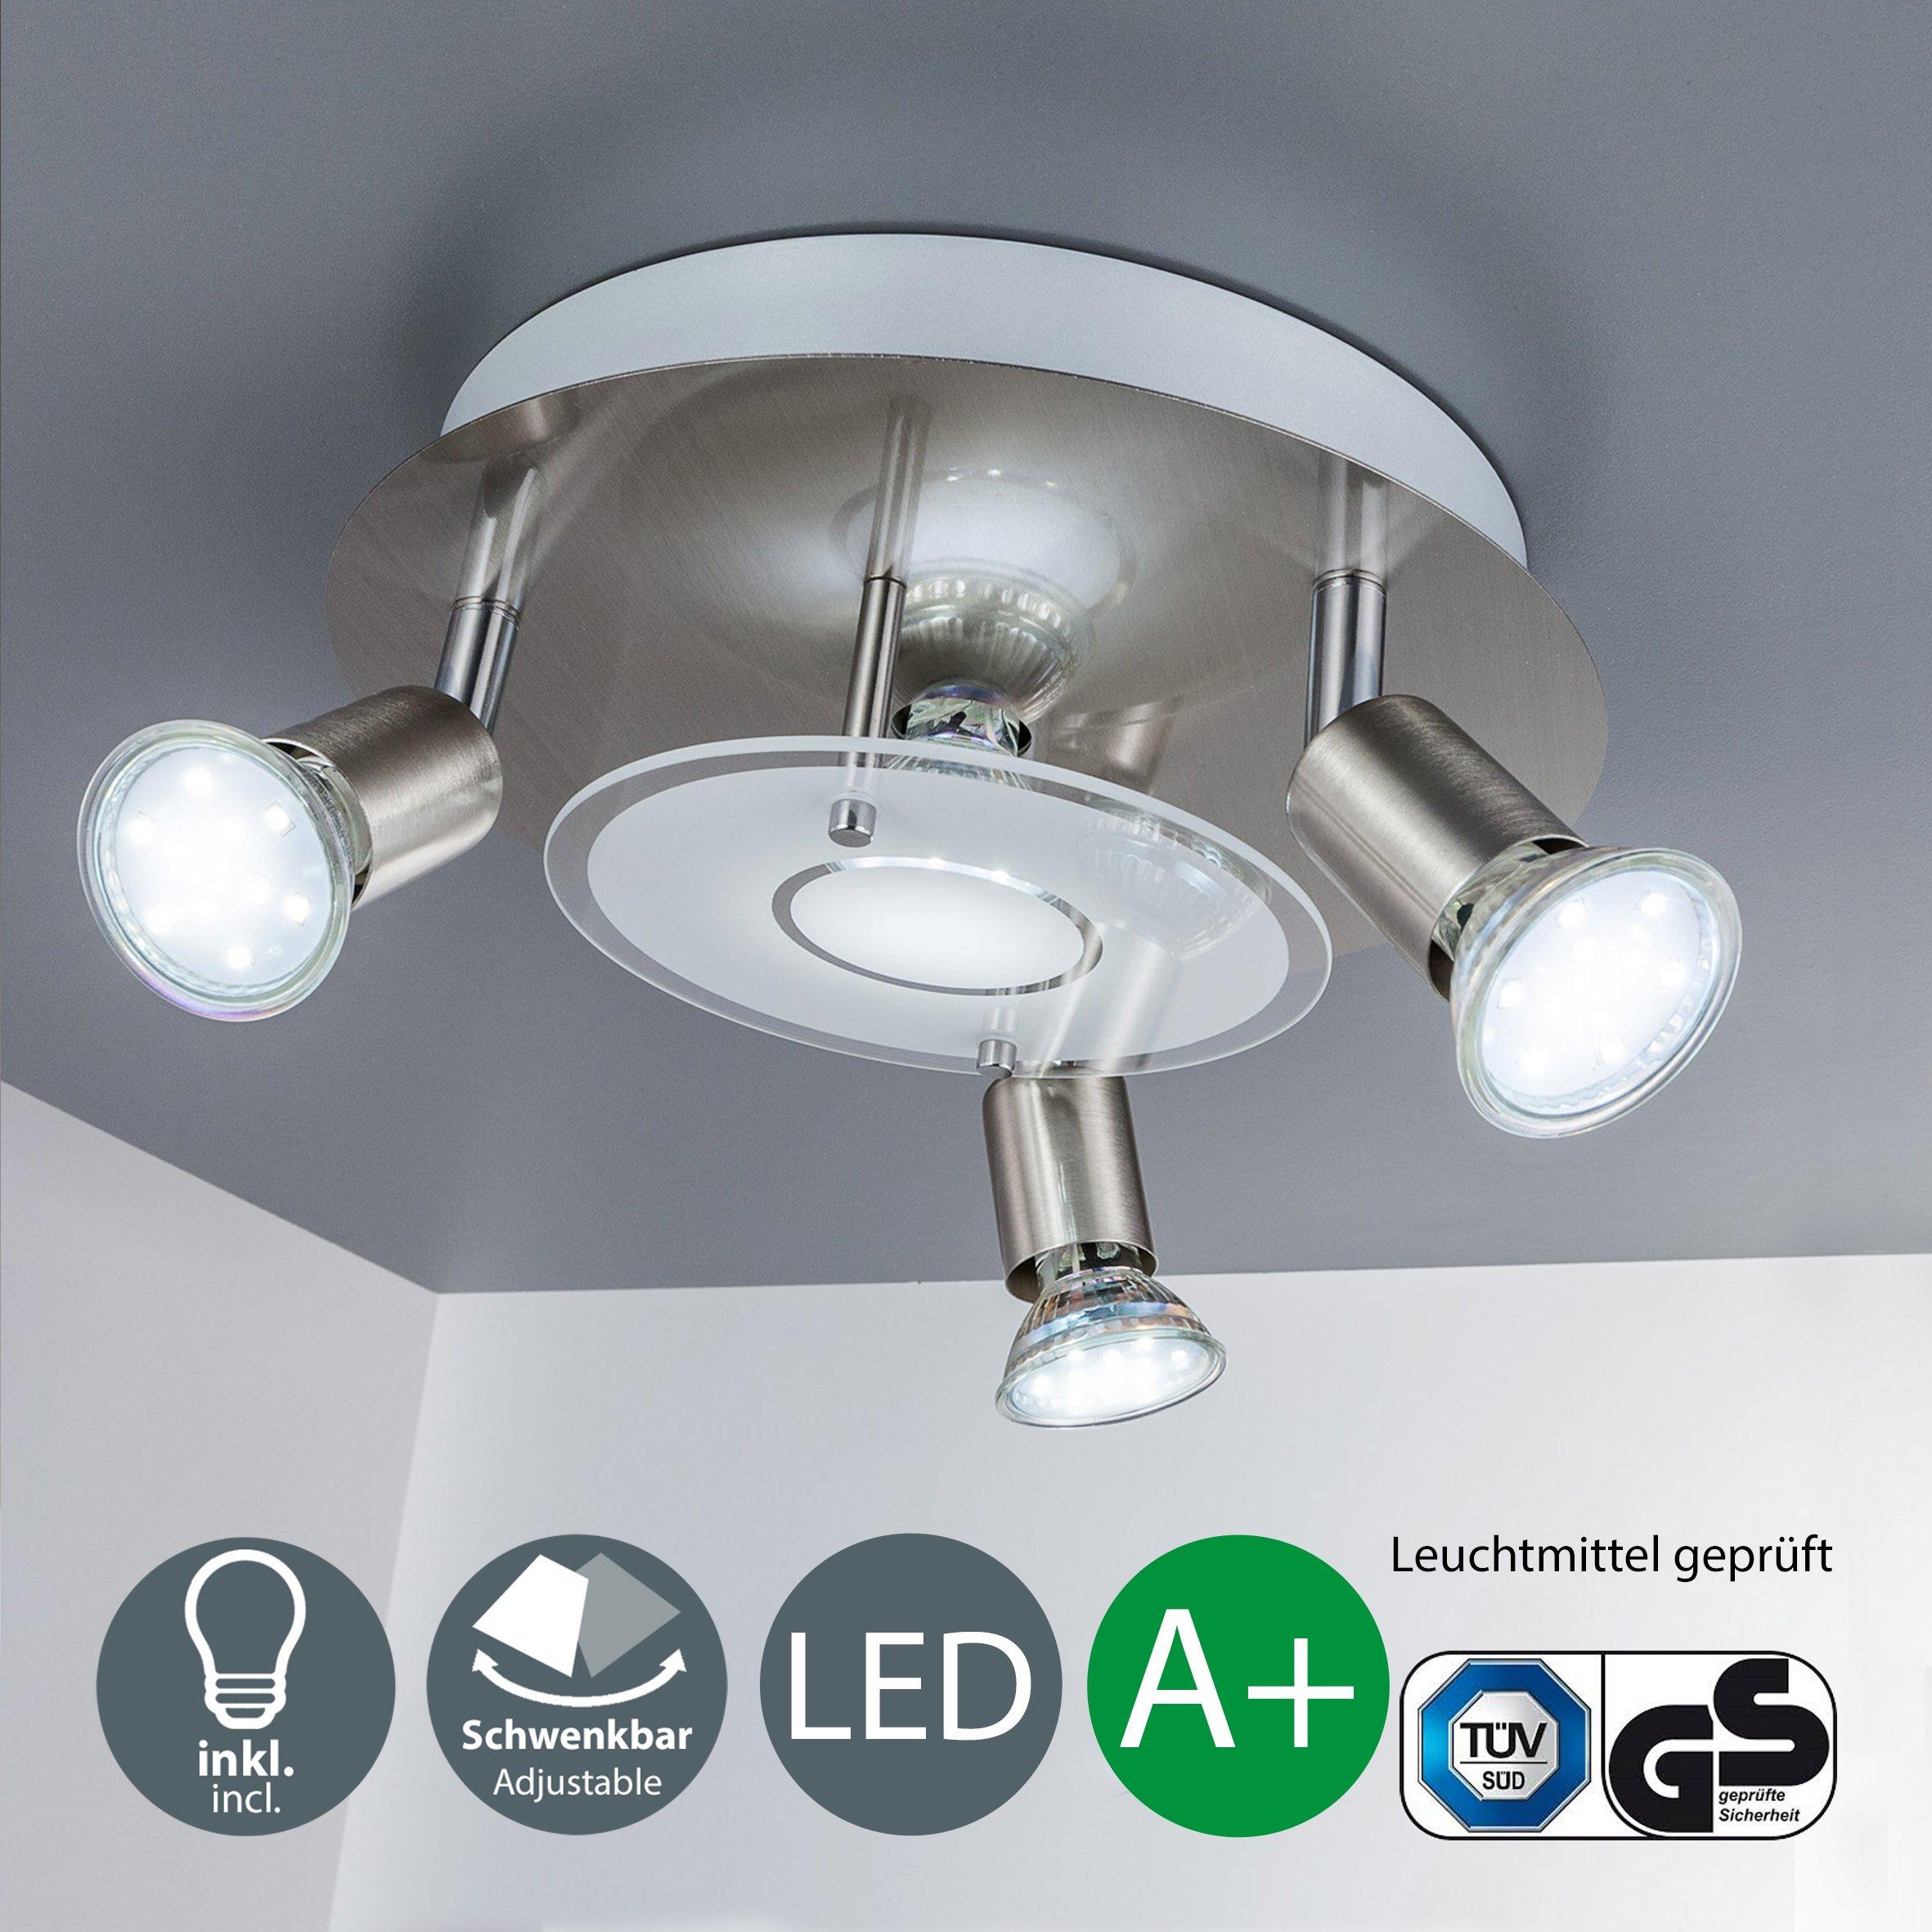 Deckenlampen & Kronleuchter Beleuchtung Wohnzimmer Design Spotleiste Deckenstrahler Deckenlampe Esszimmer Küche Lampe